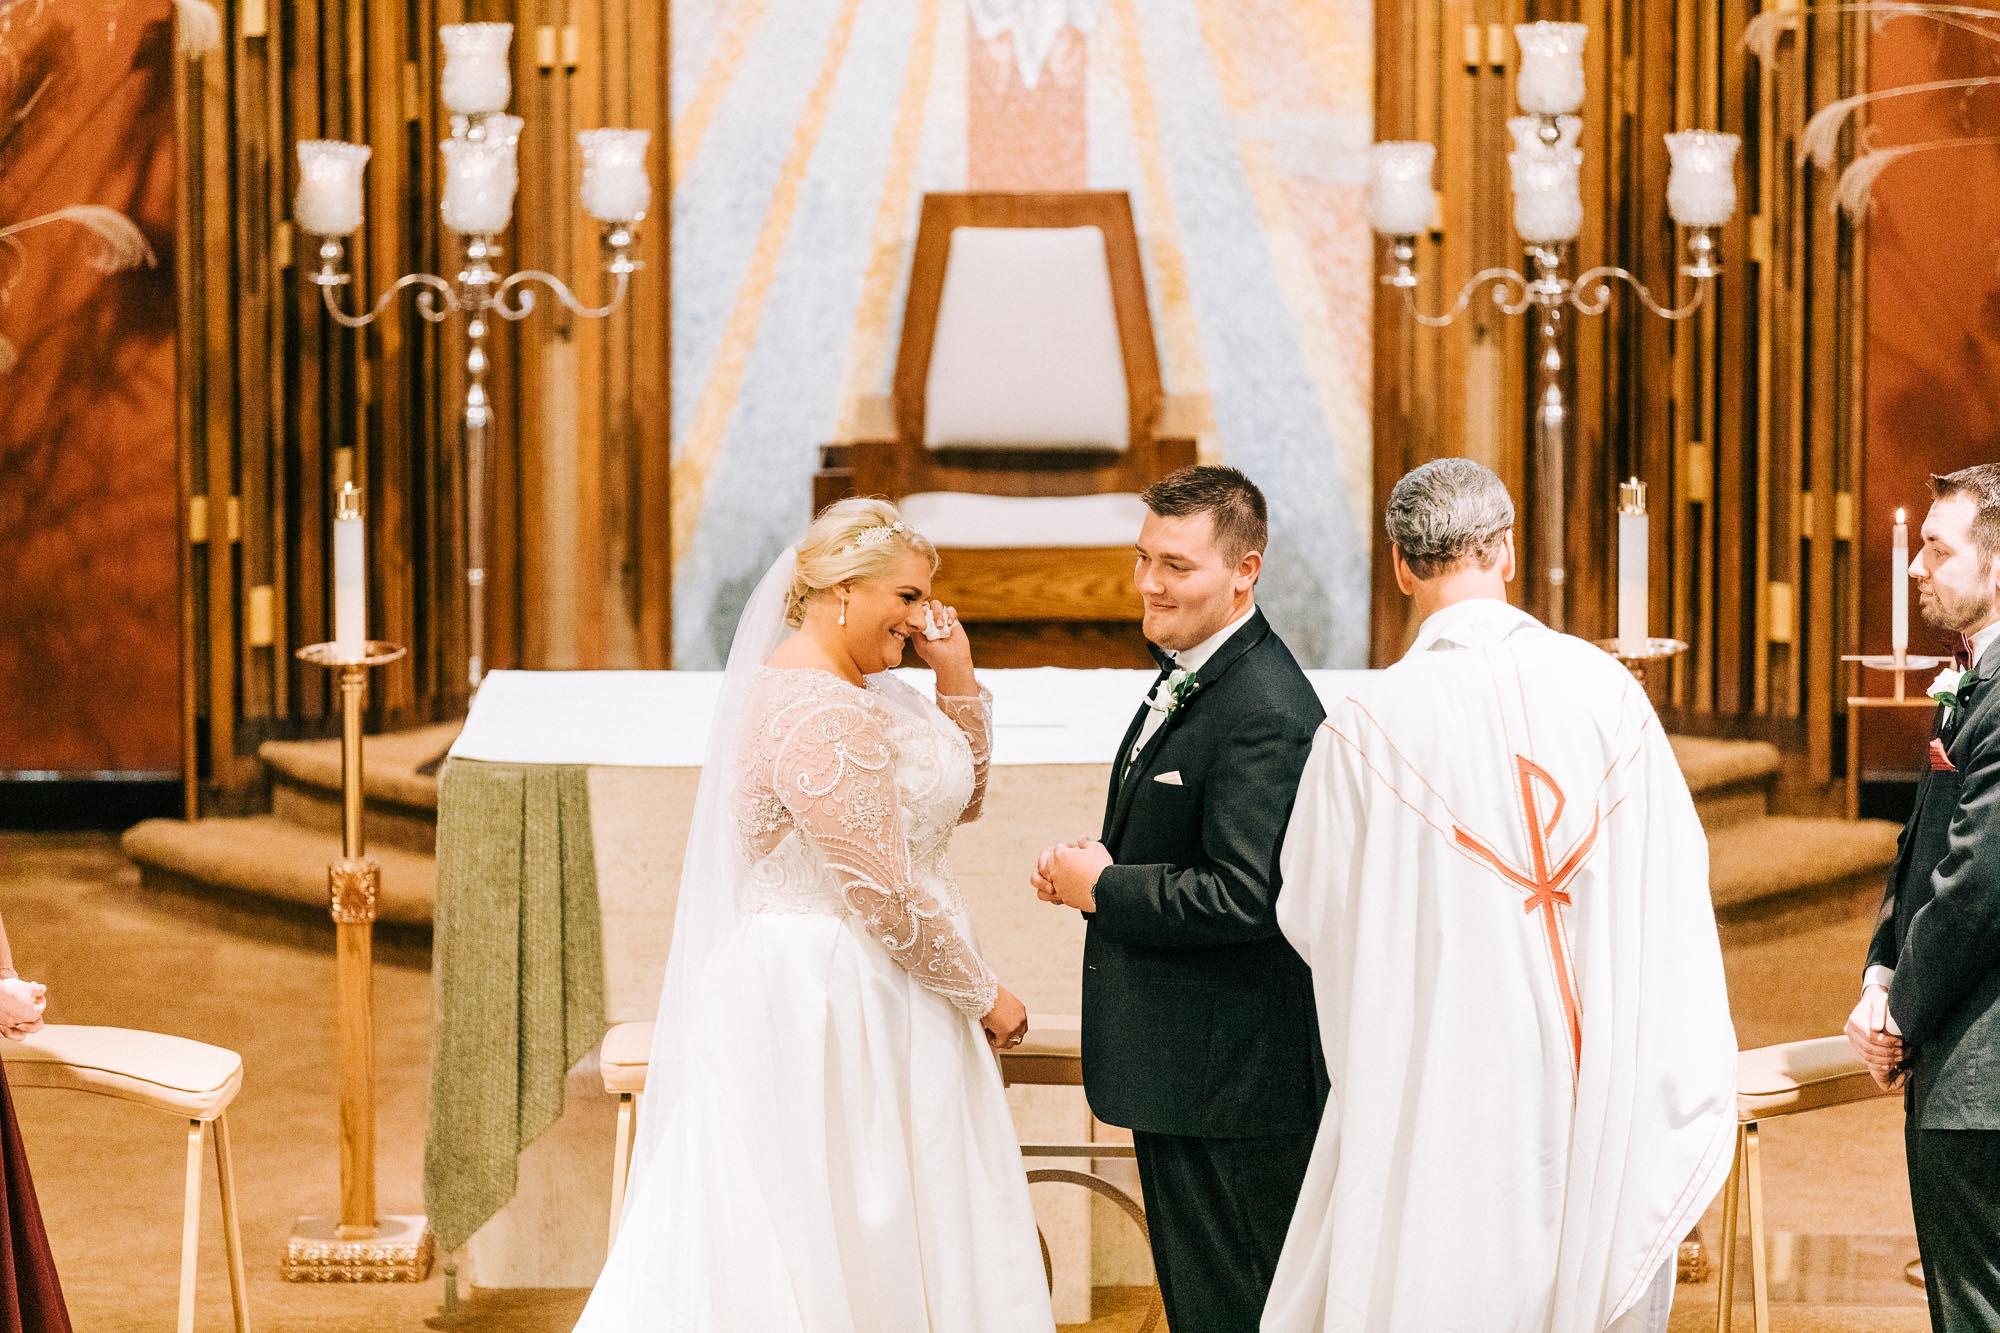 whitewoods-october-wedding-sk-9805.jpg